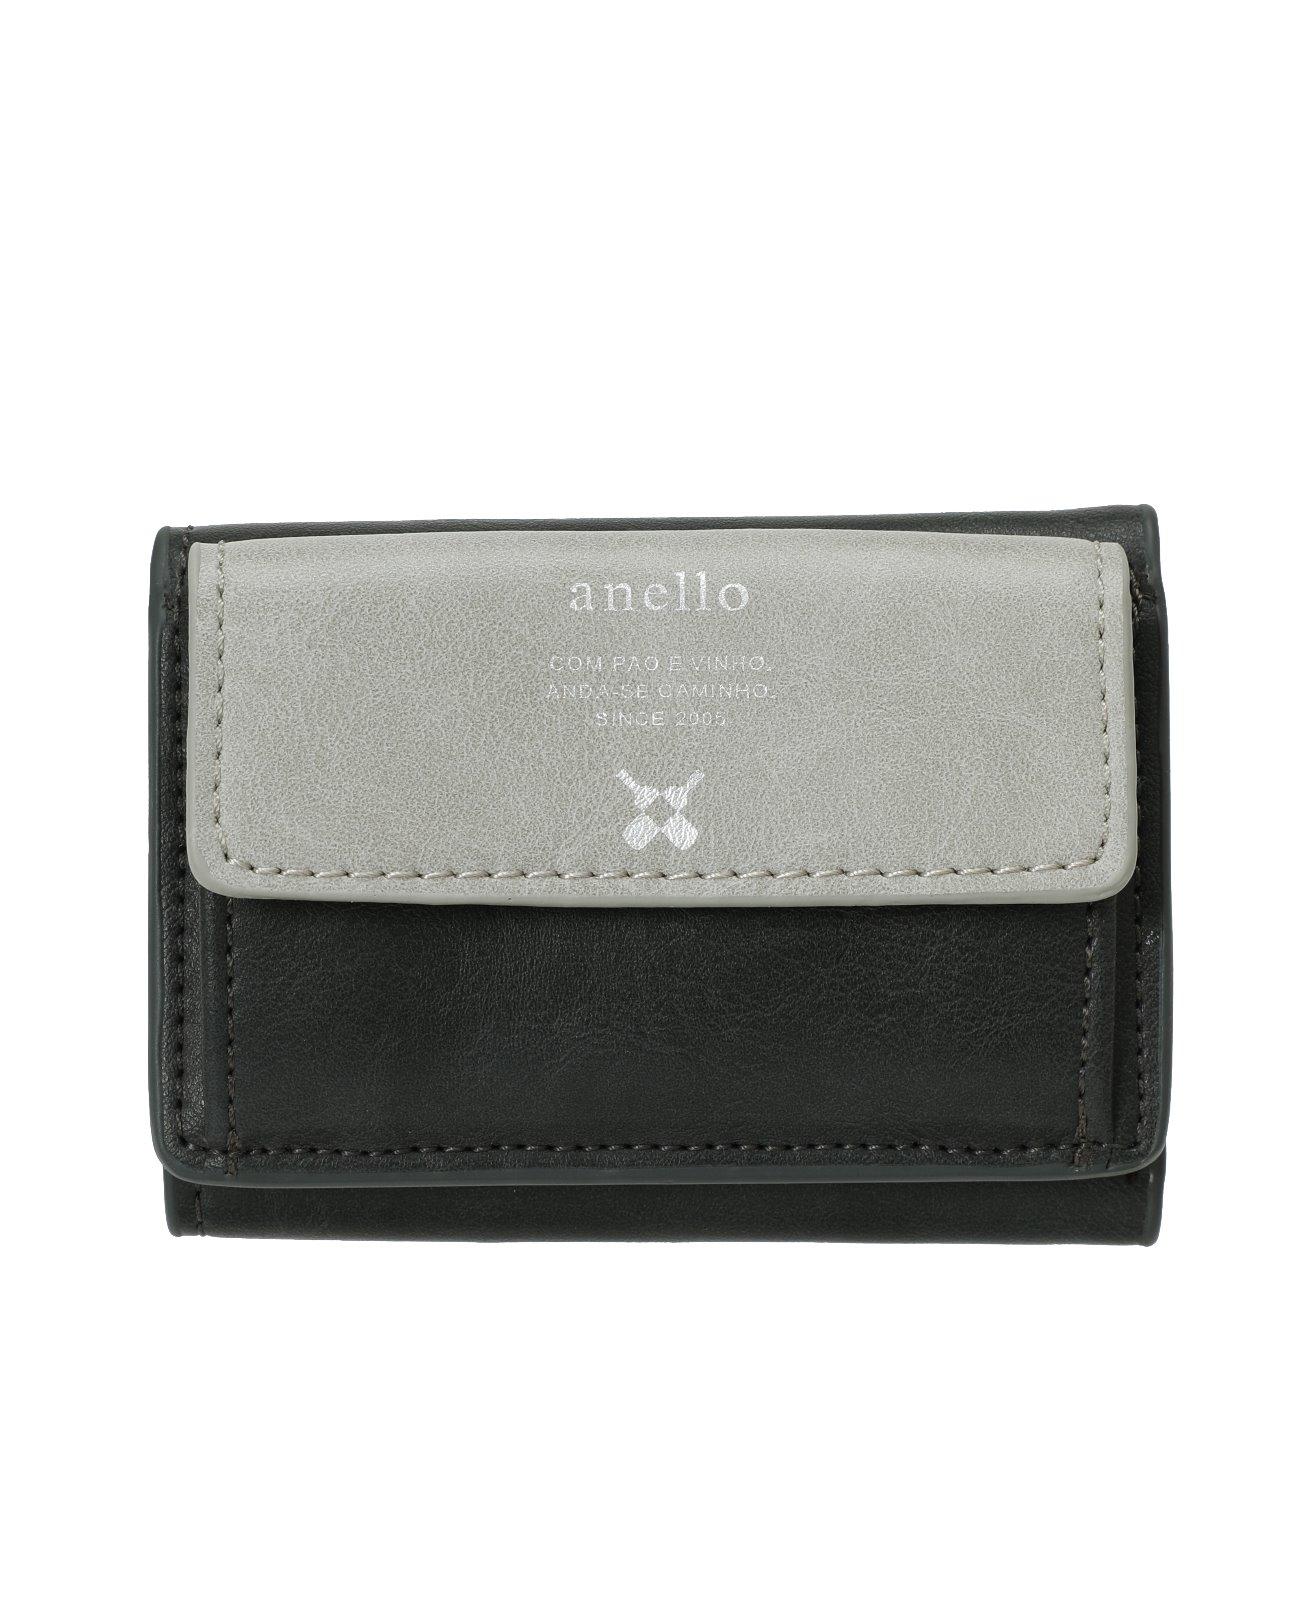 プレミアム 三つ折ミニ財布